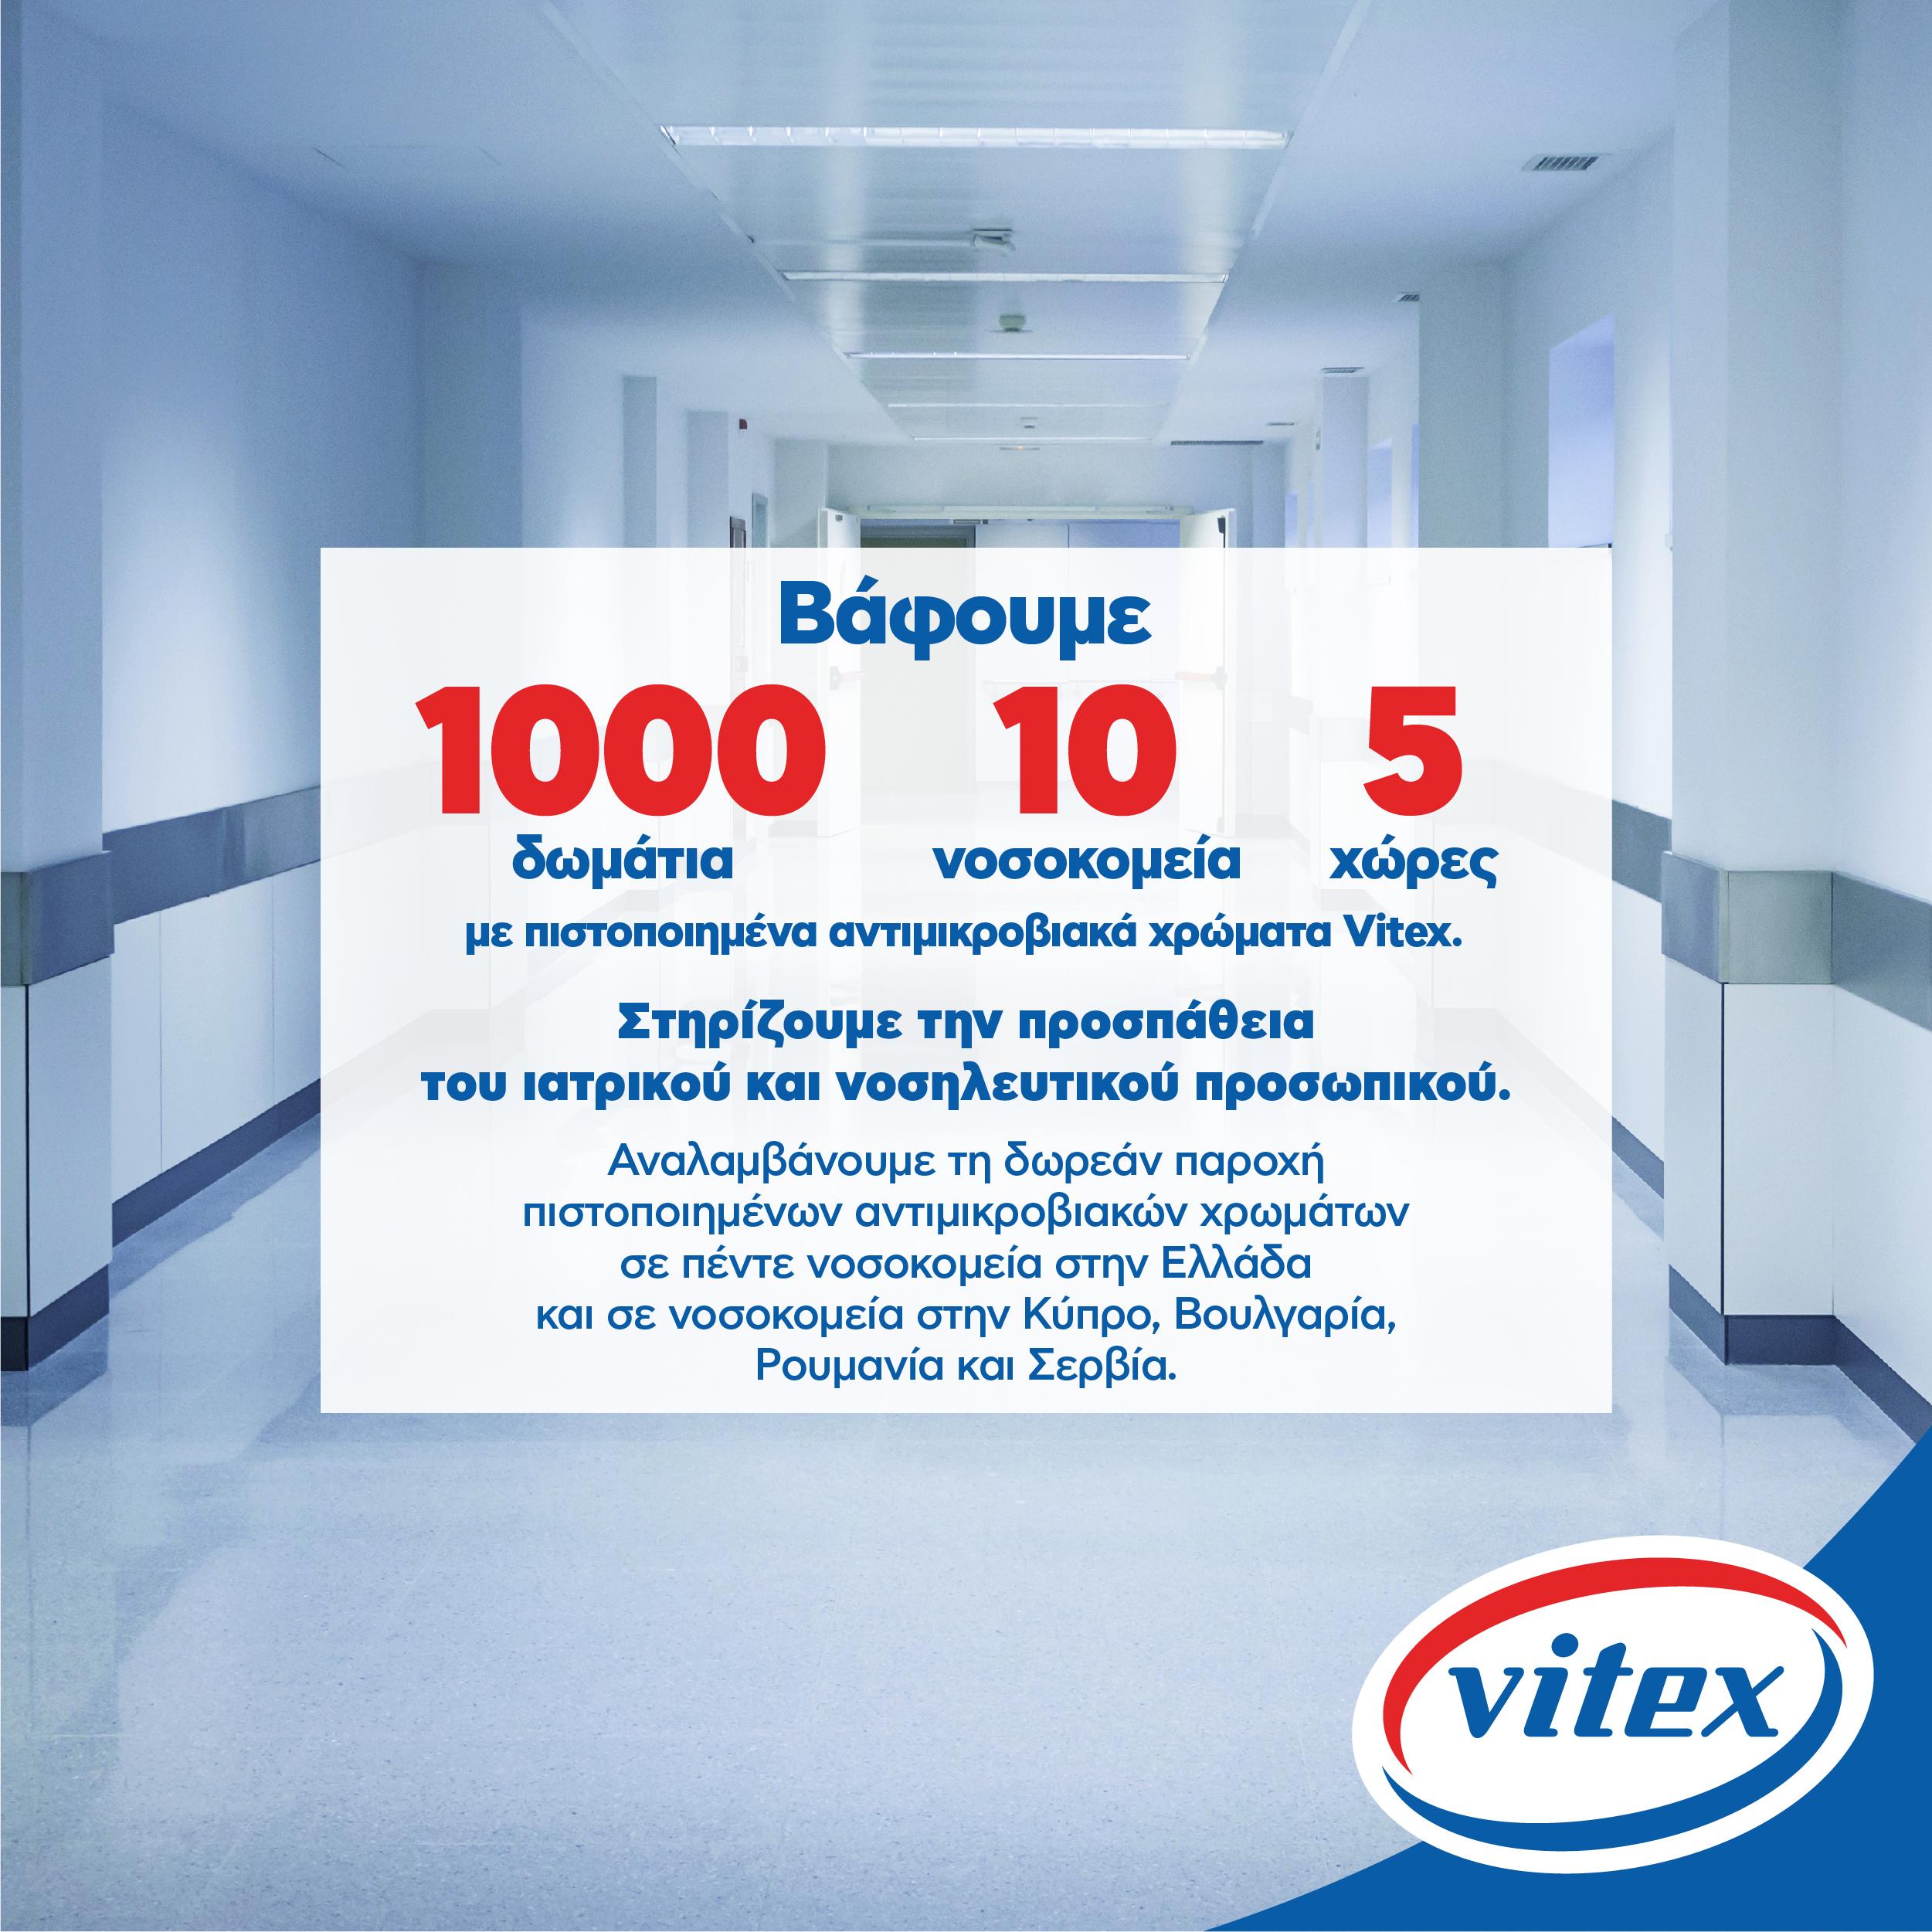 Η Vitex βάφει 10 νοσοκομεία με 1.000 δωμάτια σε 5 χώρες με πιστοποιημένα αντιμικροβιακά χρώματα